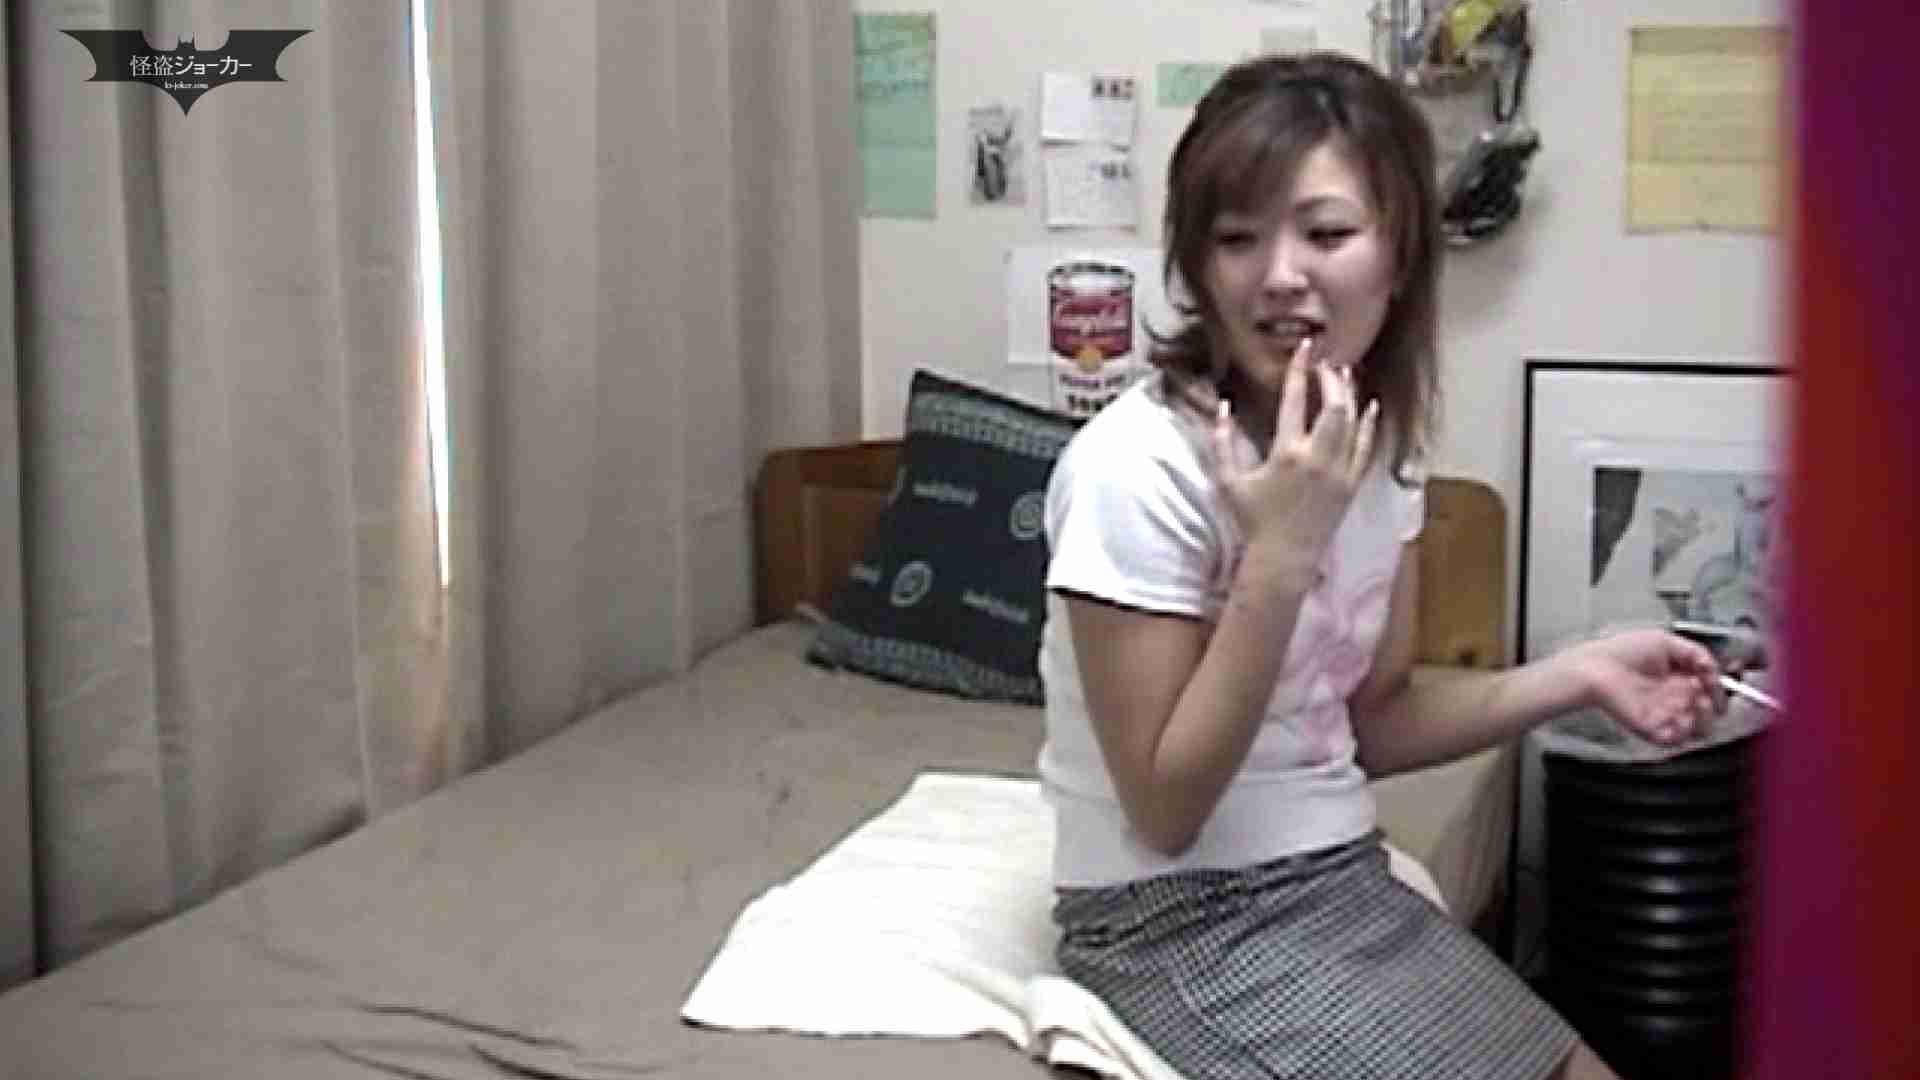 素人女良を部屋に連れ込み隠し撮りSEX!! その⑪ 潮吹き娘 りん 素人  58pic 12